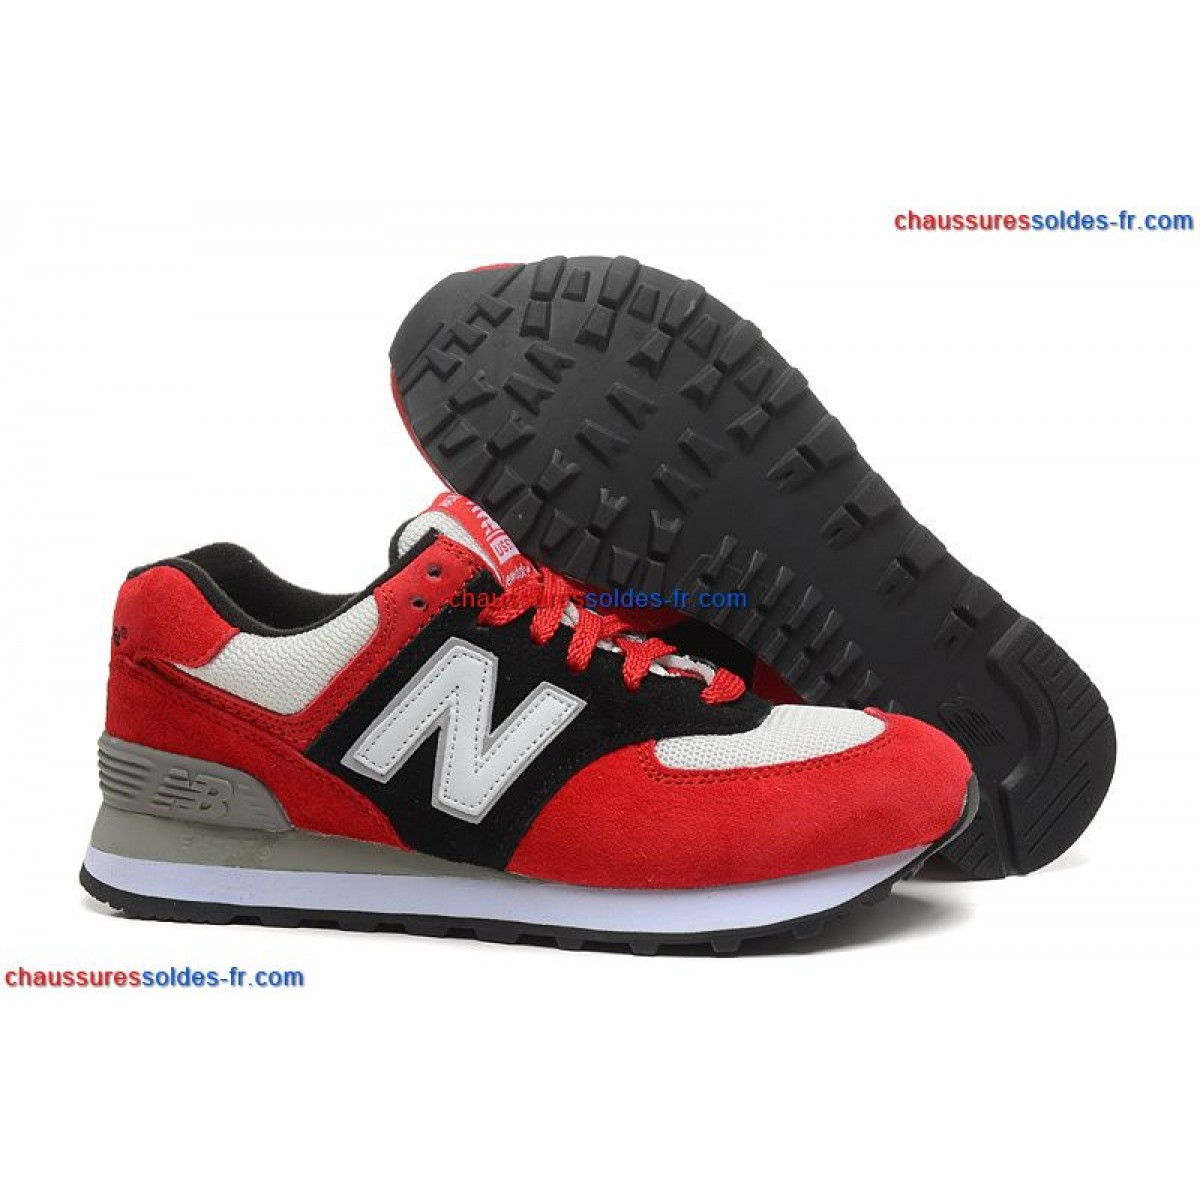 recherche d'authentique magasin britannique comment commander Chaussure New balance